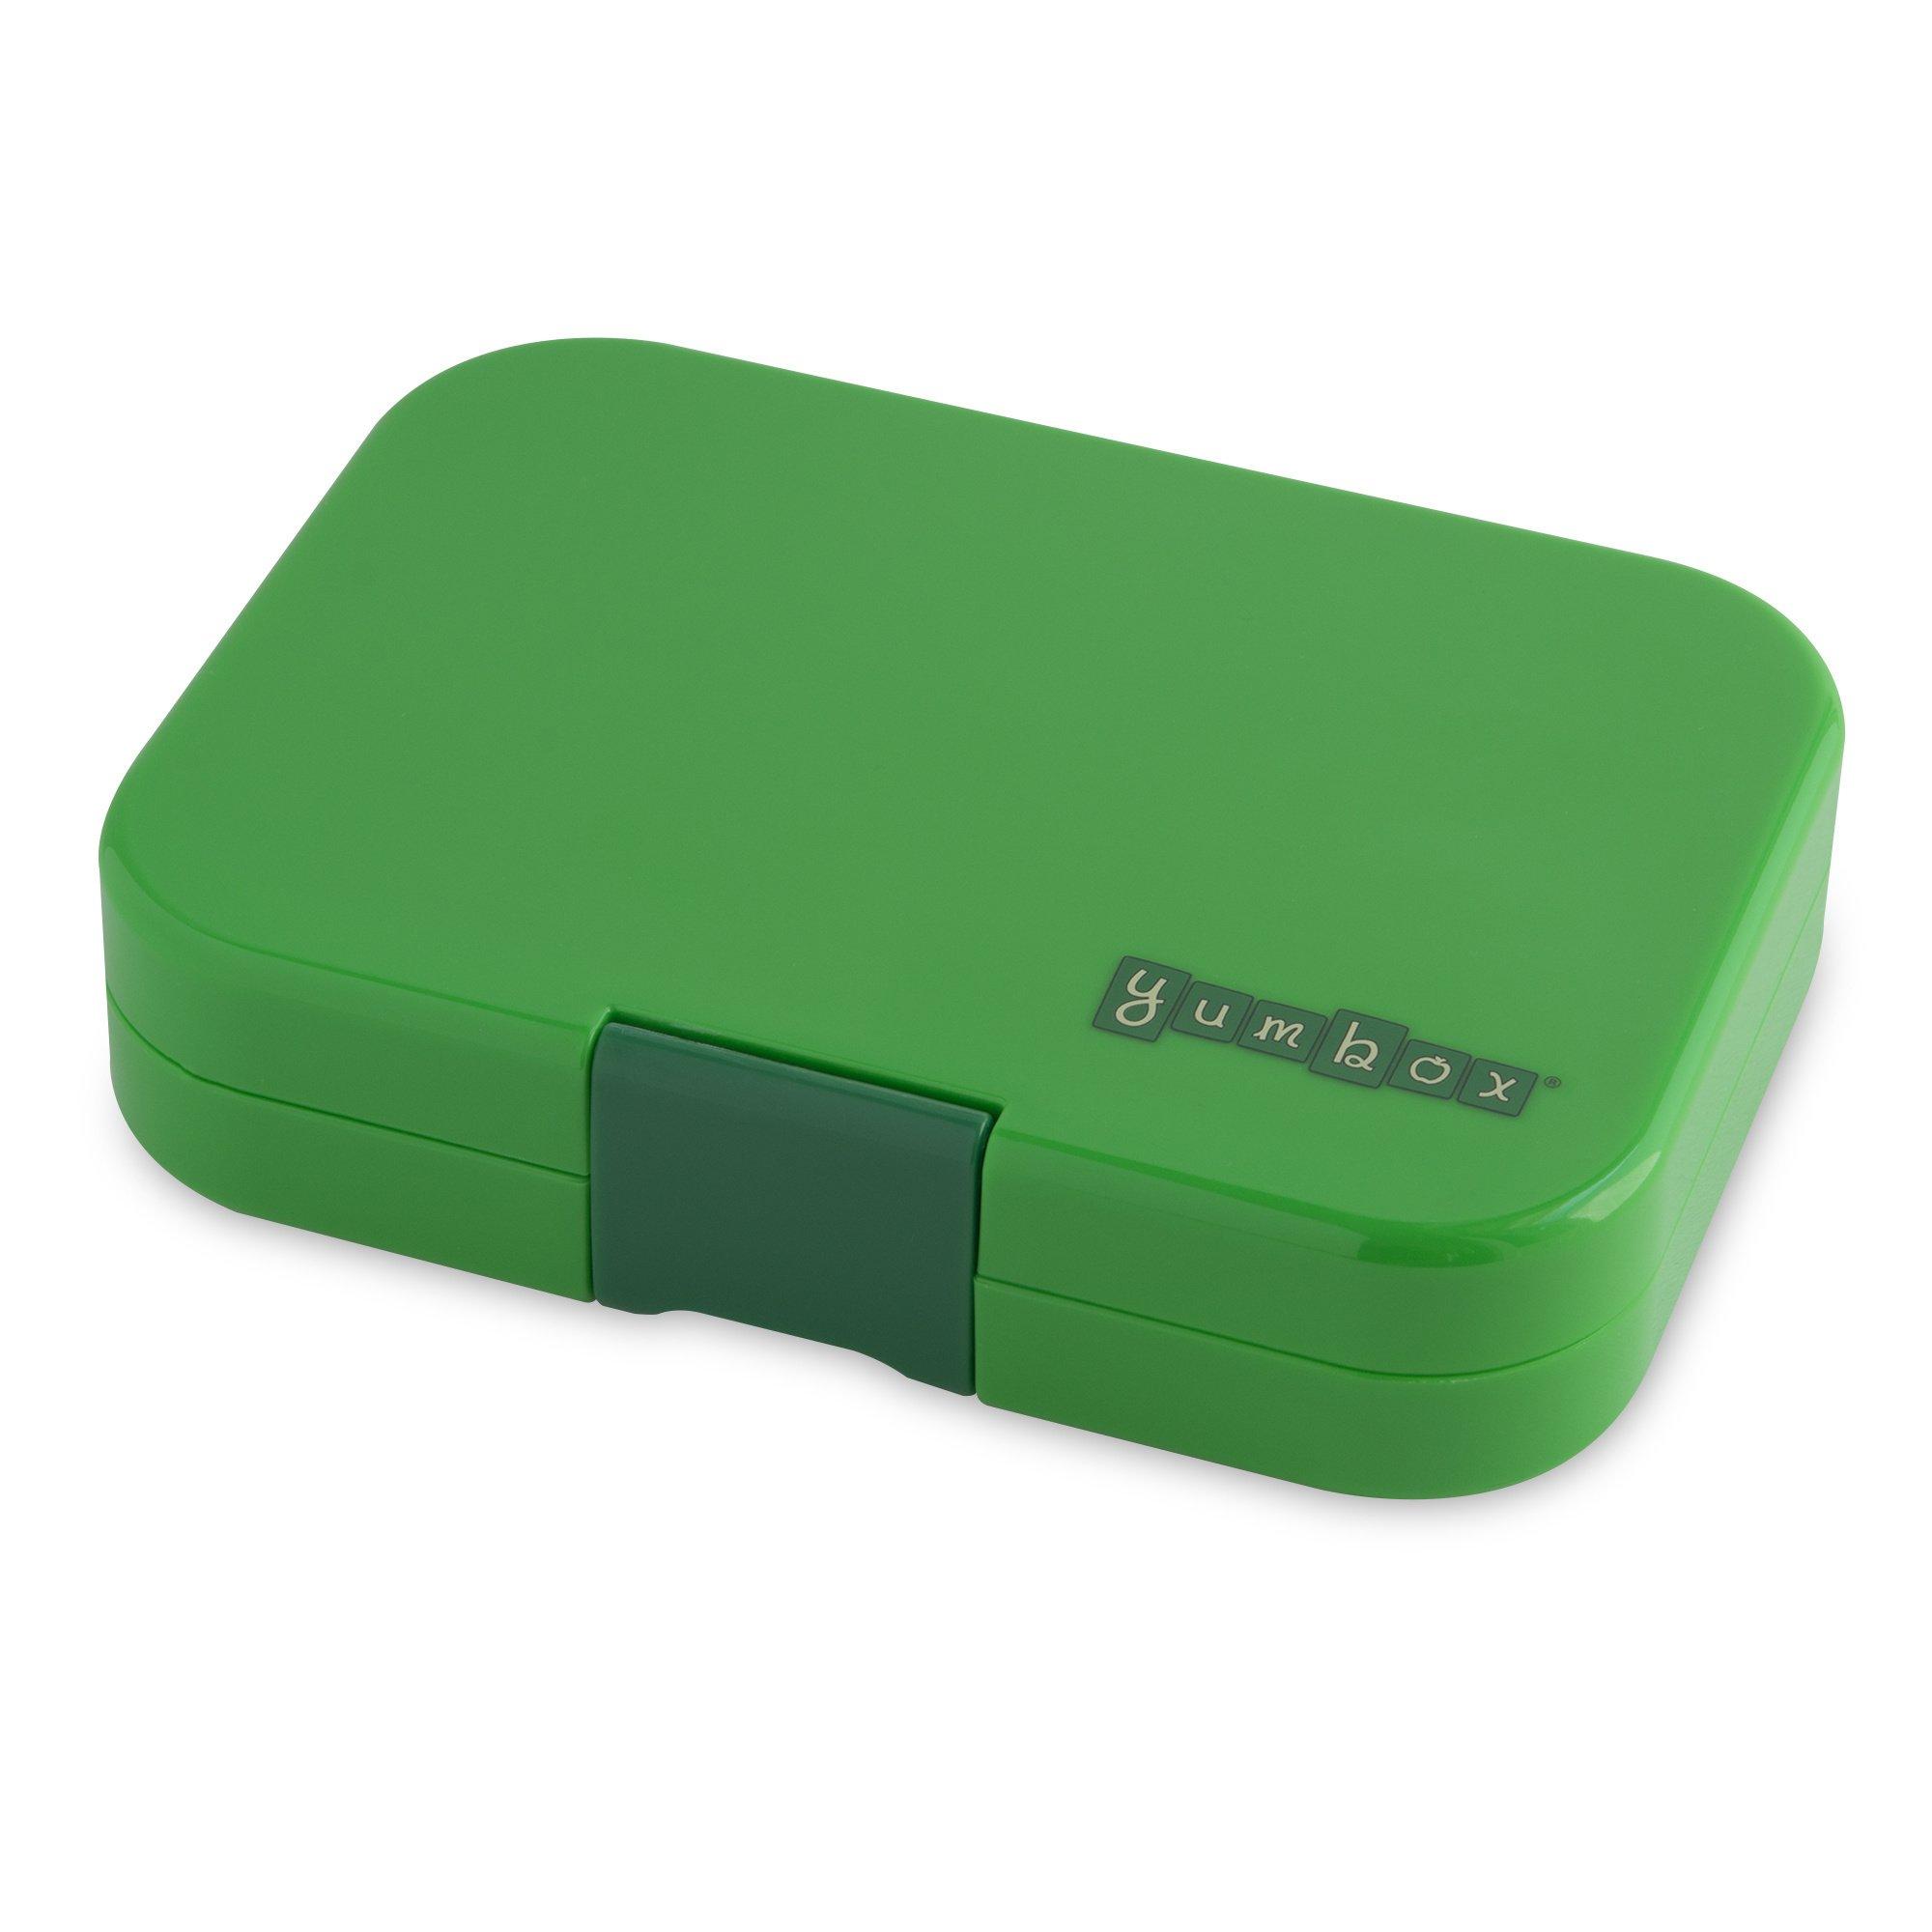 Yumbox Panino exterior box Terra green-1